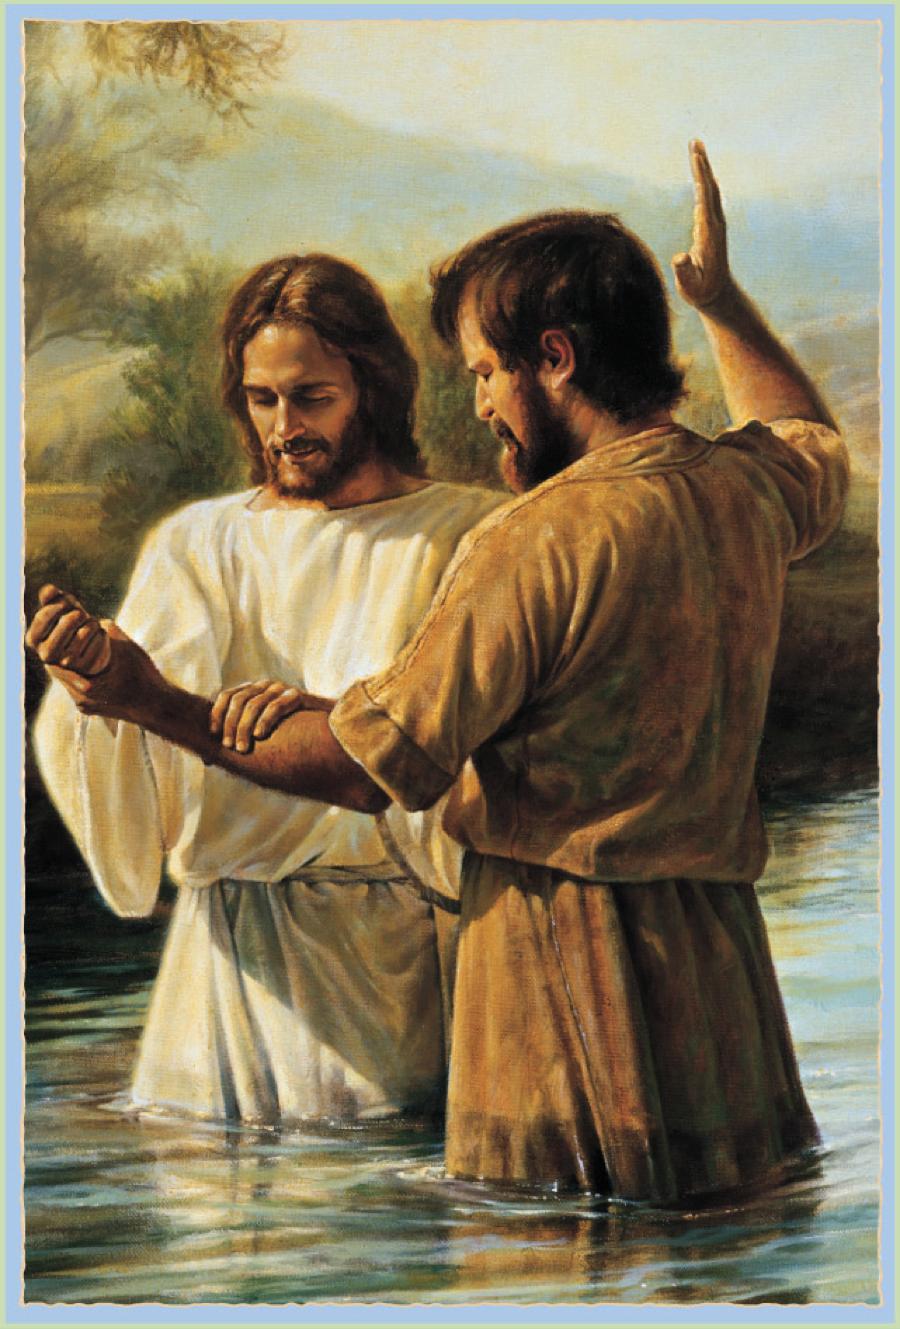 Lds jesus baptism clipart image transparent download Lds Jesus Baptism PNG Transparent Lds Jesus Baptism.PNG ... image transparent download